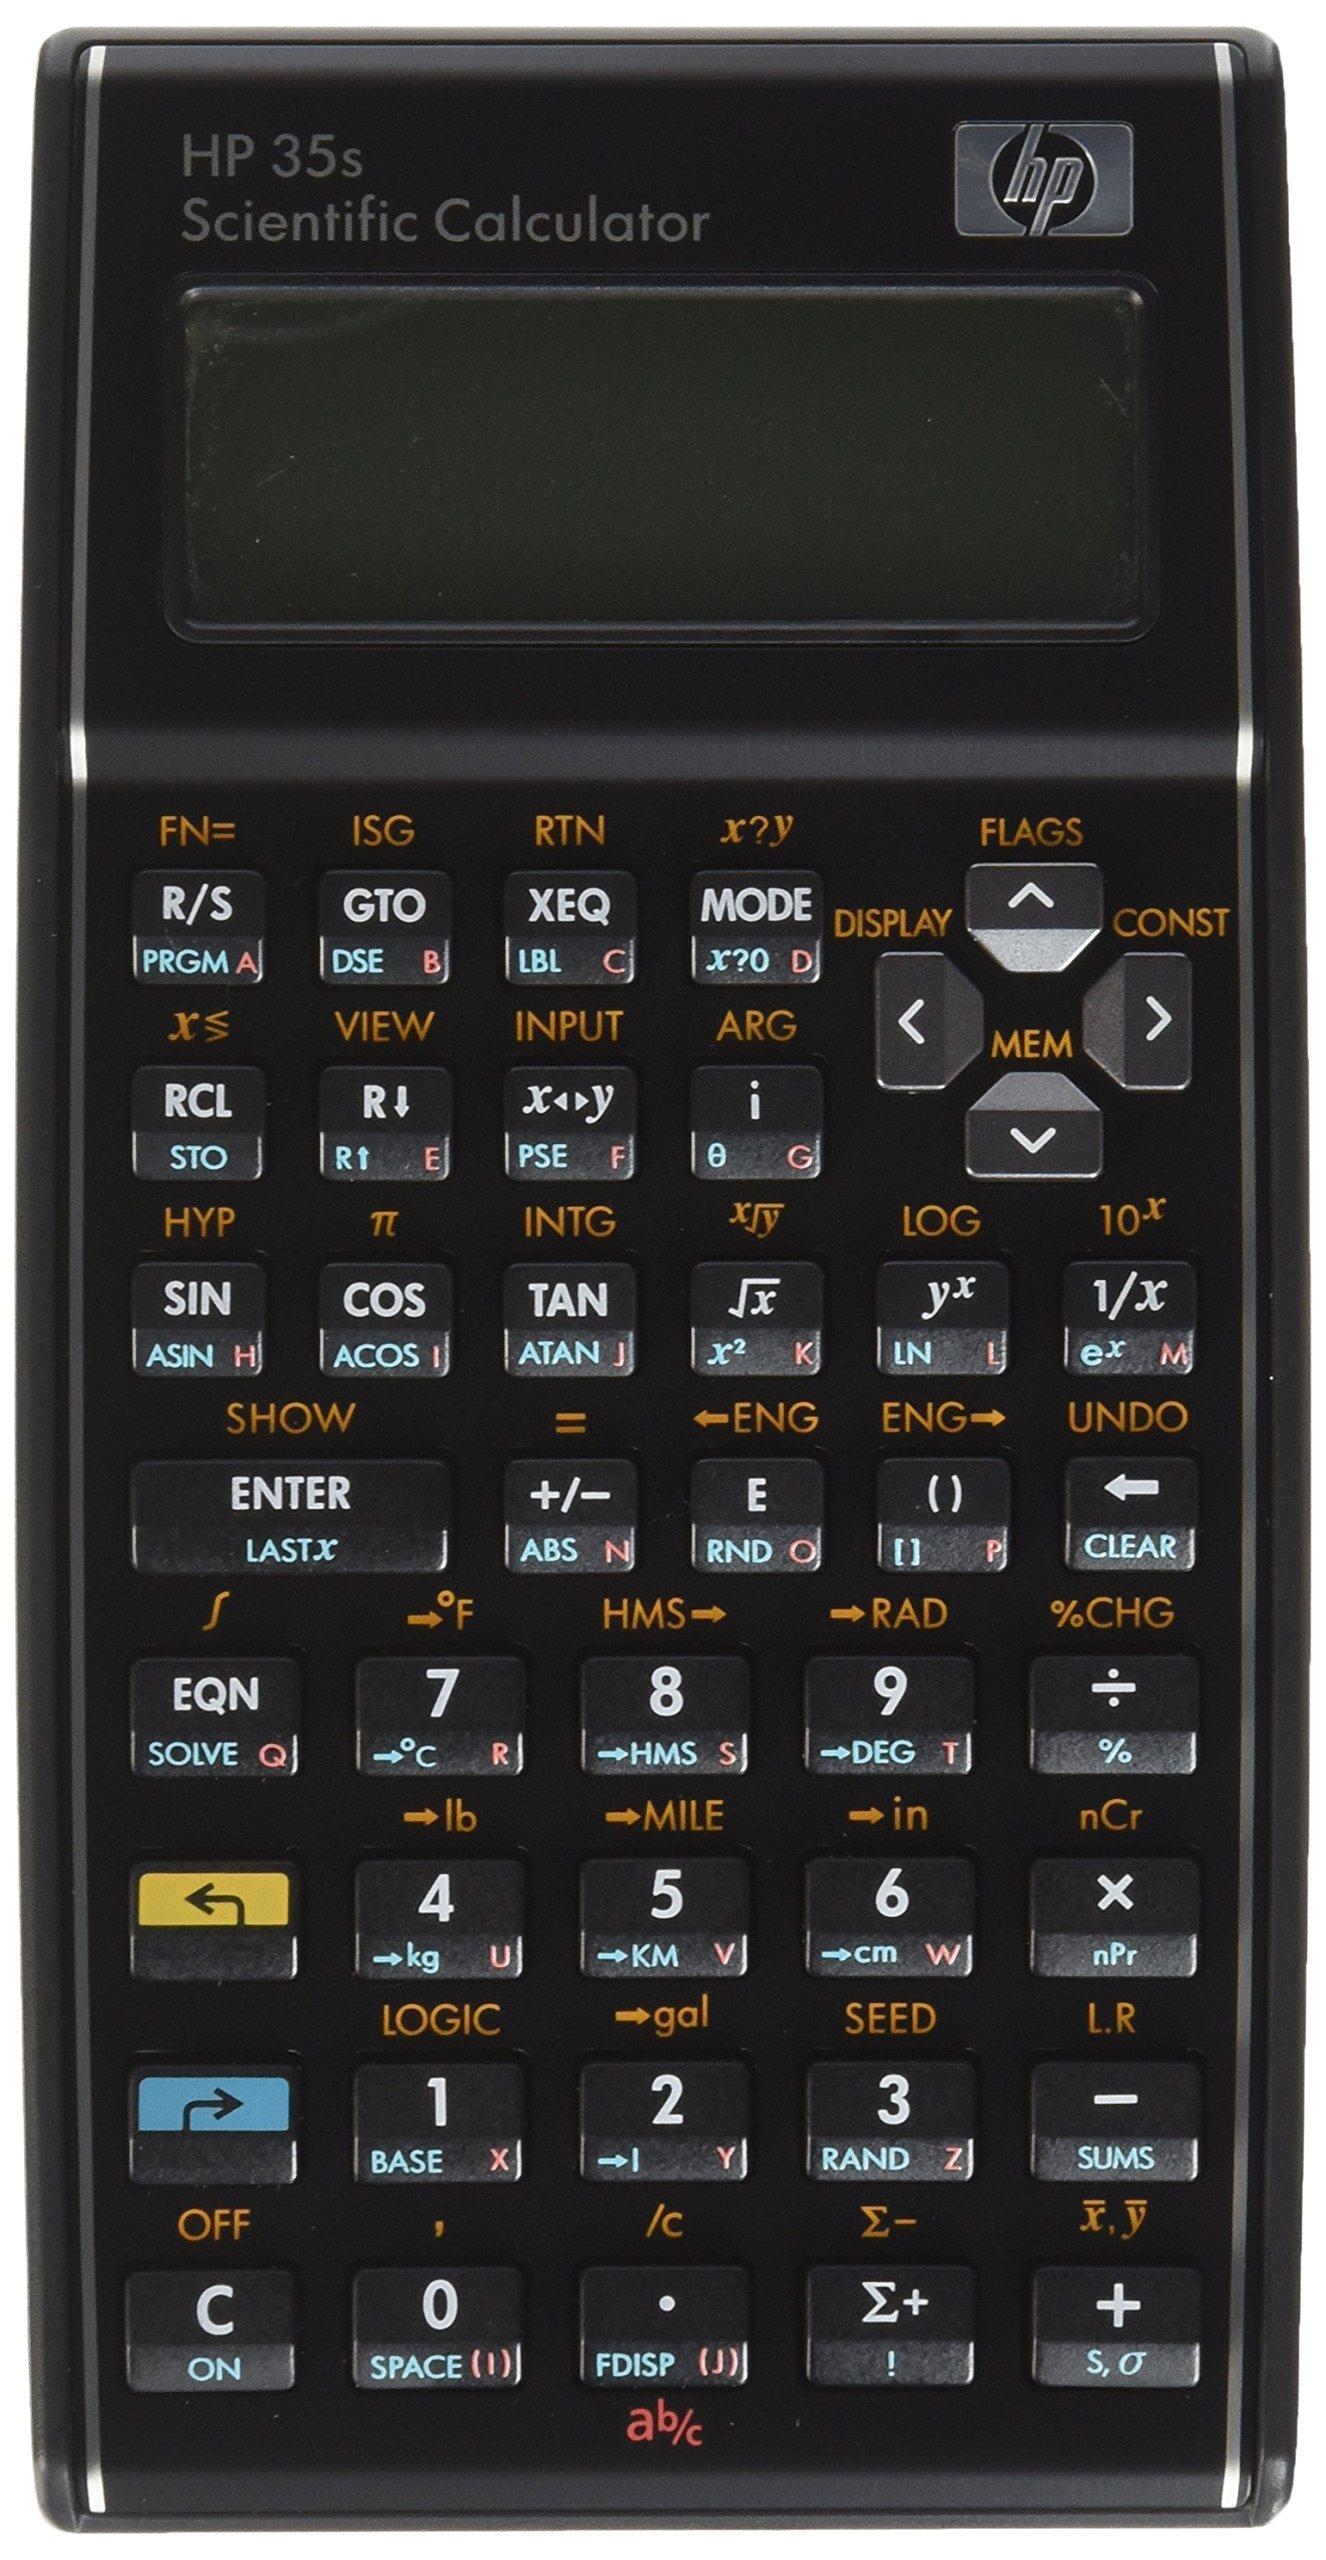 HP 35s Scientific Calculator by Hewlett Packard